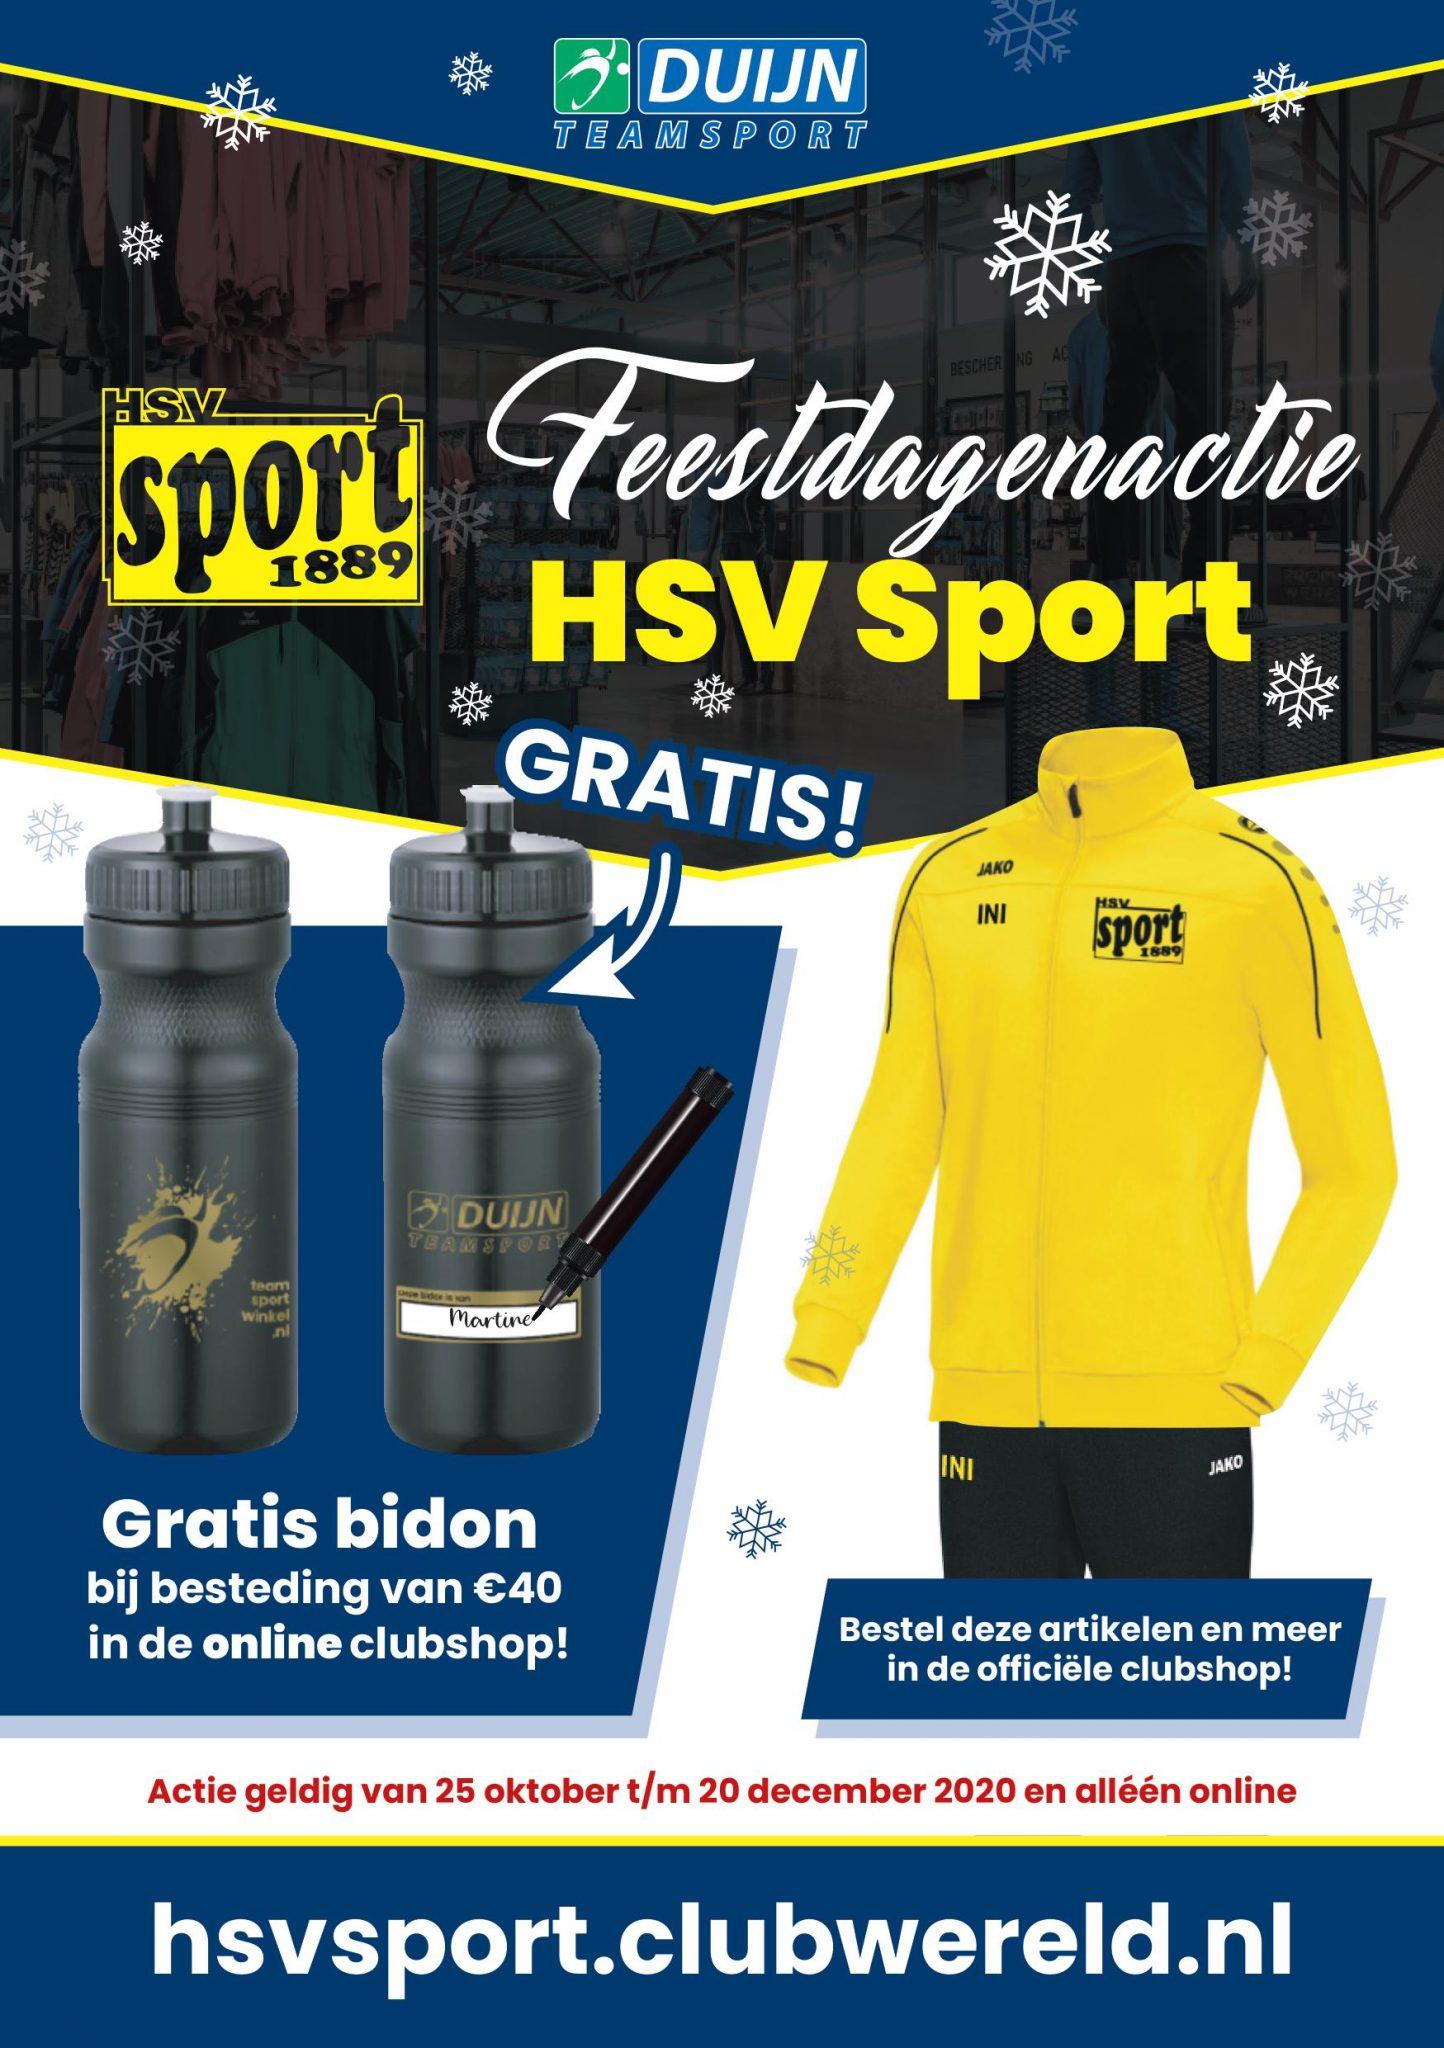 Decemberactie Duijn Teamsport